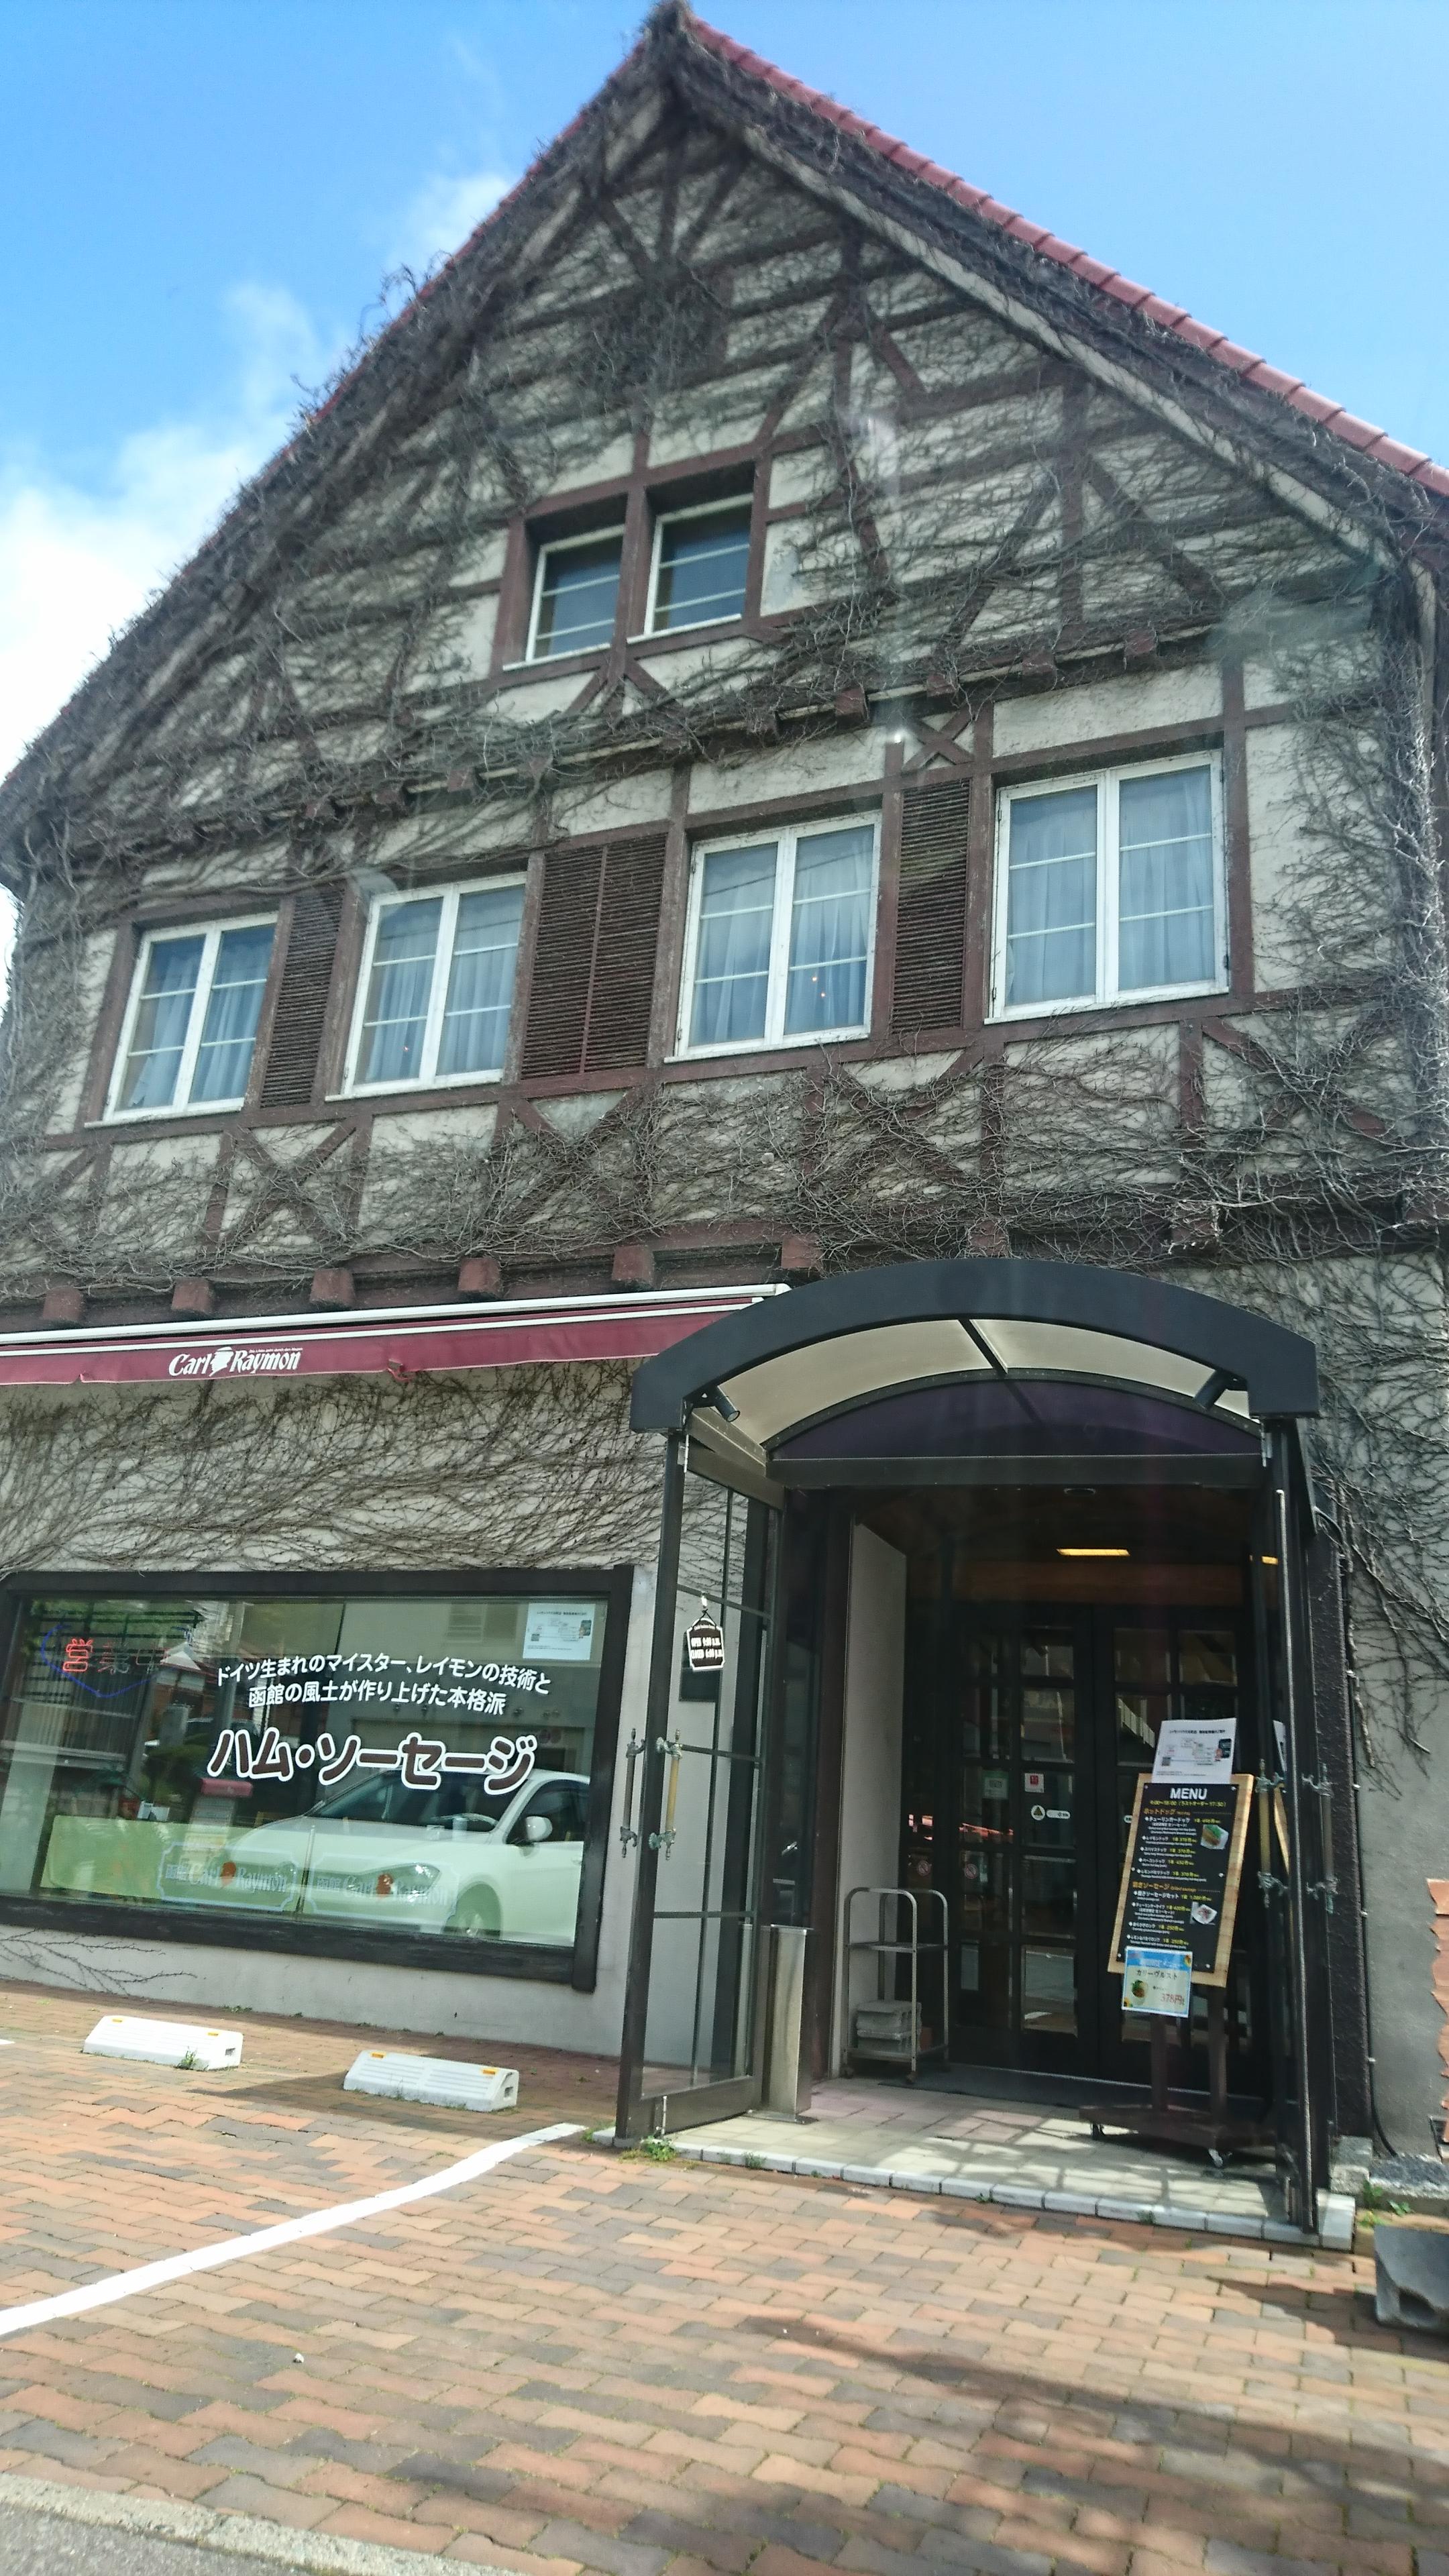 函館市元町のグルメといえばレイモンハウス